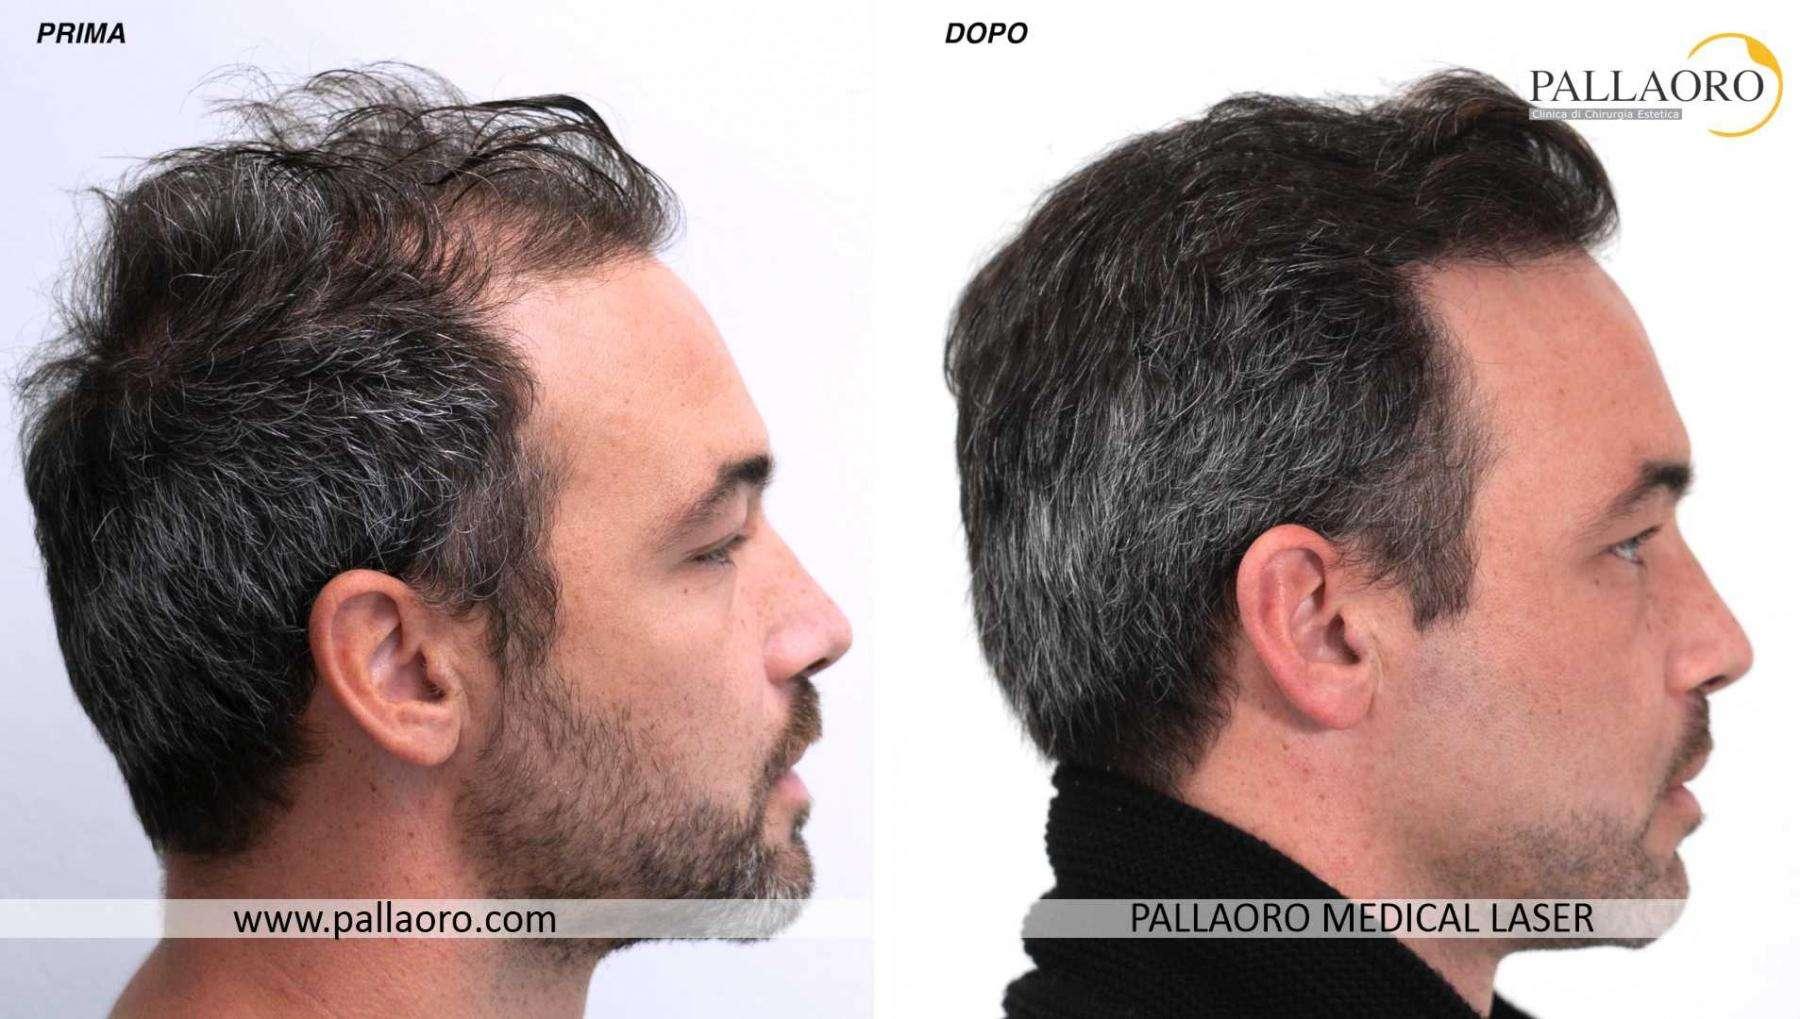 trapianto capelli 2021 08 c davide